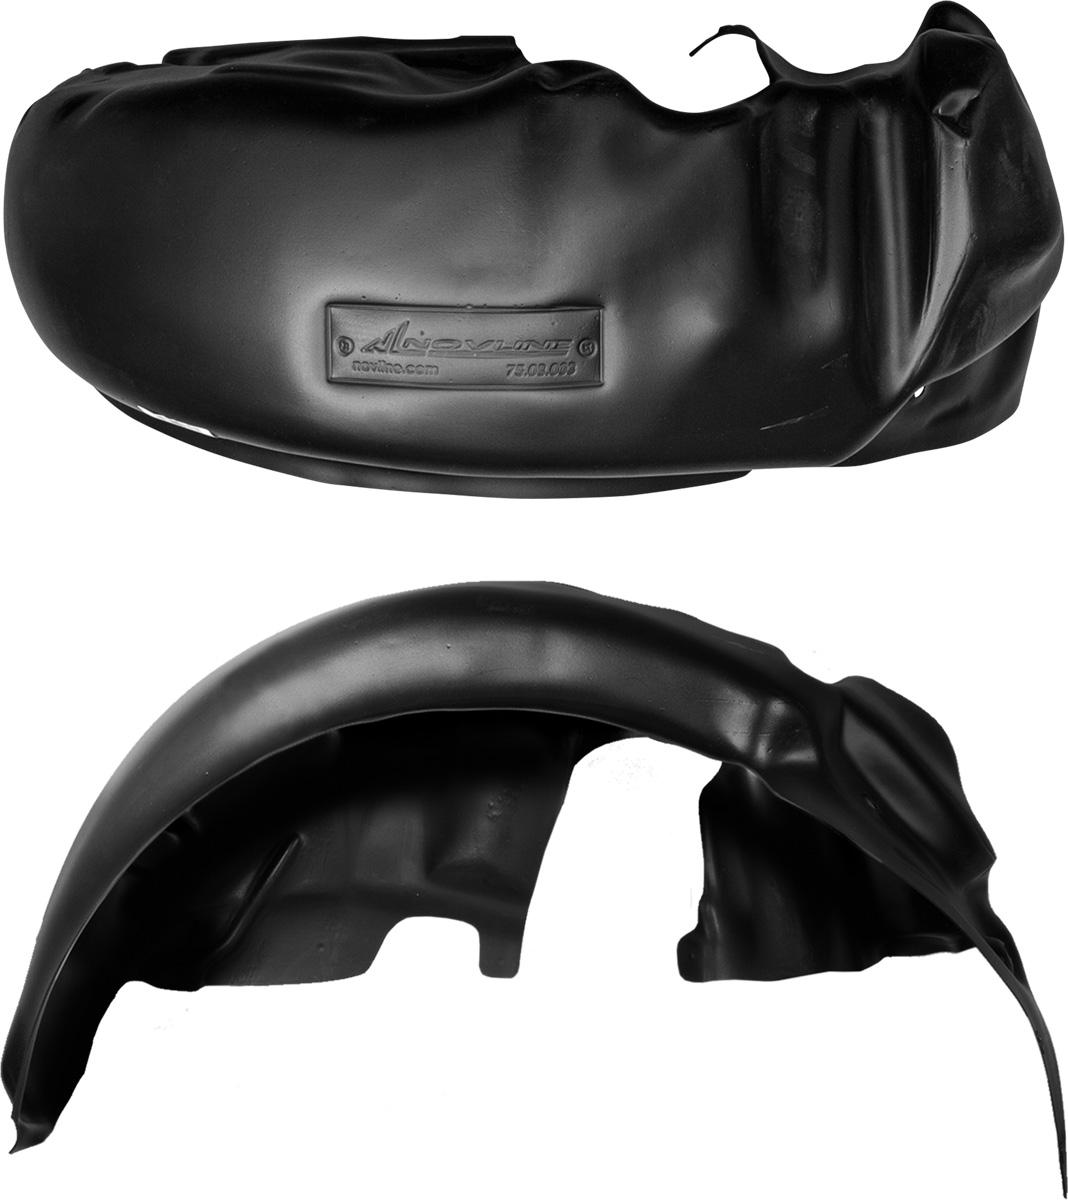 Подкрылок Novline-Autofamily, для УАЗ 3741, 1990->, передний левый1004900000360Колесные ниши - одни из самых уязвимых зон днища вашего автомобиля. Они постоянно подвергаются воздействию со стороны дороги. Лучшая, почти абсолютная защита для них - специально отформованные пластиковые кожухи, которые называются подкрылками. Производятся они как для отечественных моделей автомобилей, так и для иномарок. Подкрылки Novline-Autofamily выполнены из высококачественного, экологически чистого пластика. Обеспечивают надежную защиту кузова автомобиля от пескоструйного эффекта и негативного влияния, агрессивных антигололедных реагентов. Пластик обладает более низкой теплопроводностью, чем металл, поэтому в зимний период эксплуатации использование пластиковых подкрылков позволяет лучше защитить колесные ниши от налипания снега и образования наледи. Оригинальность конструкции подчеркивает элегантность автомобиля, бережно защищает нанесенное на днище кузова антикоррозийное покрытие и позволяет осуществить крепление подкрылков внутри колесной арки практически без дополнительного крепежа и сверления, не нарушая при этом лакокрасочного покрытия, что предотвращает возникновение новых очагов коррозии. Подкрылки долговечны, обладают высокой прочностью и сохраняют заданную форму, а также все свои физико-механические характеристики в самых тяжелых климатических условиях (от -50°С до +50°С).Уважаемые клиенты!Обращаем ваше внимание, на тот факт, что подкрылок имеет форму, соответствующую модели данного автомобиля. Фото служит для визуального восприятия товара.